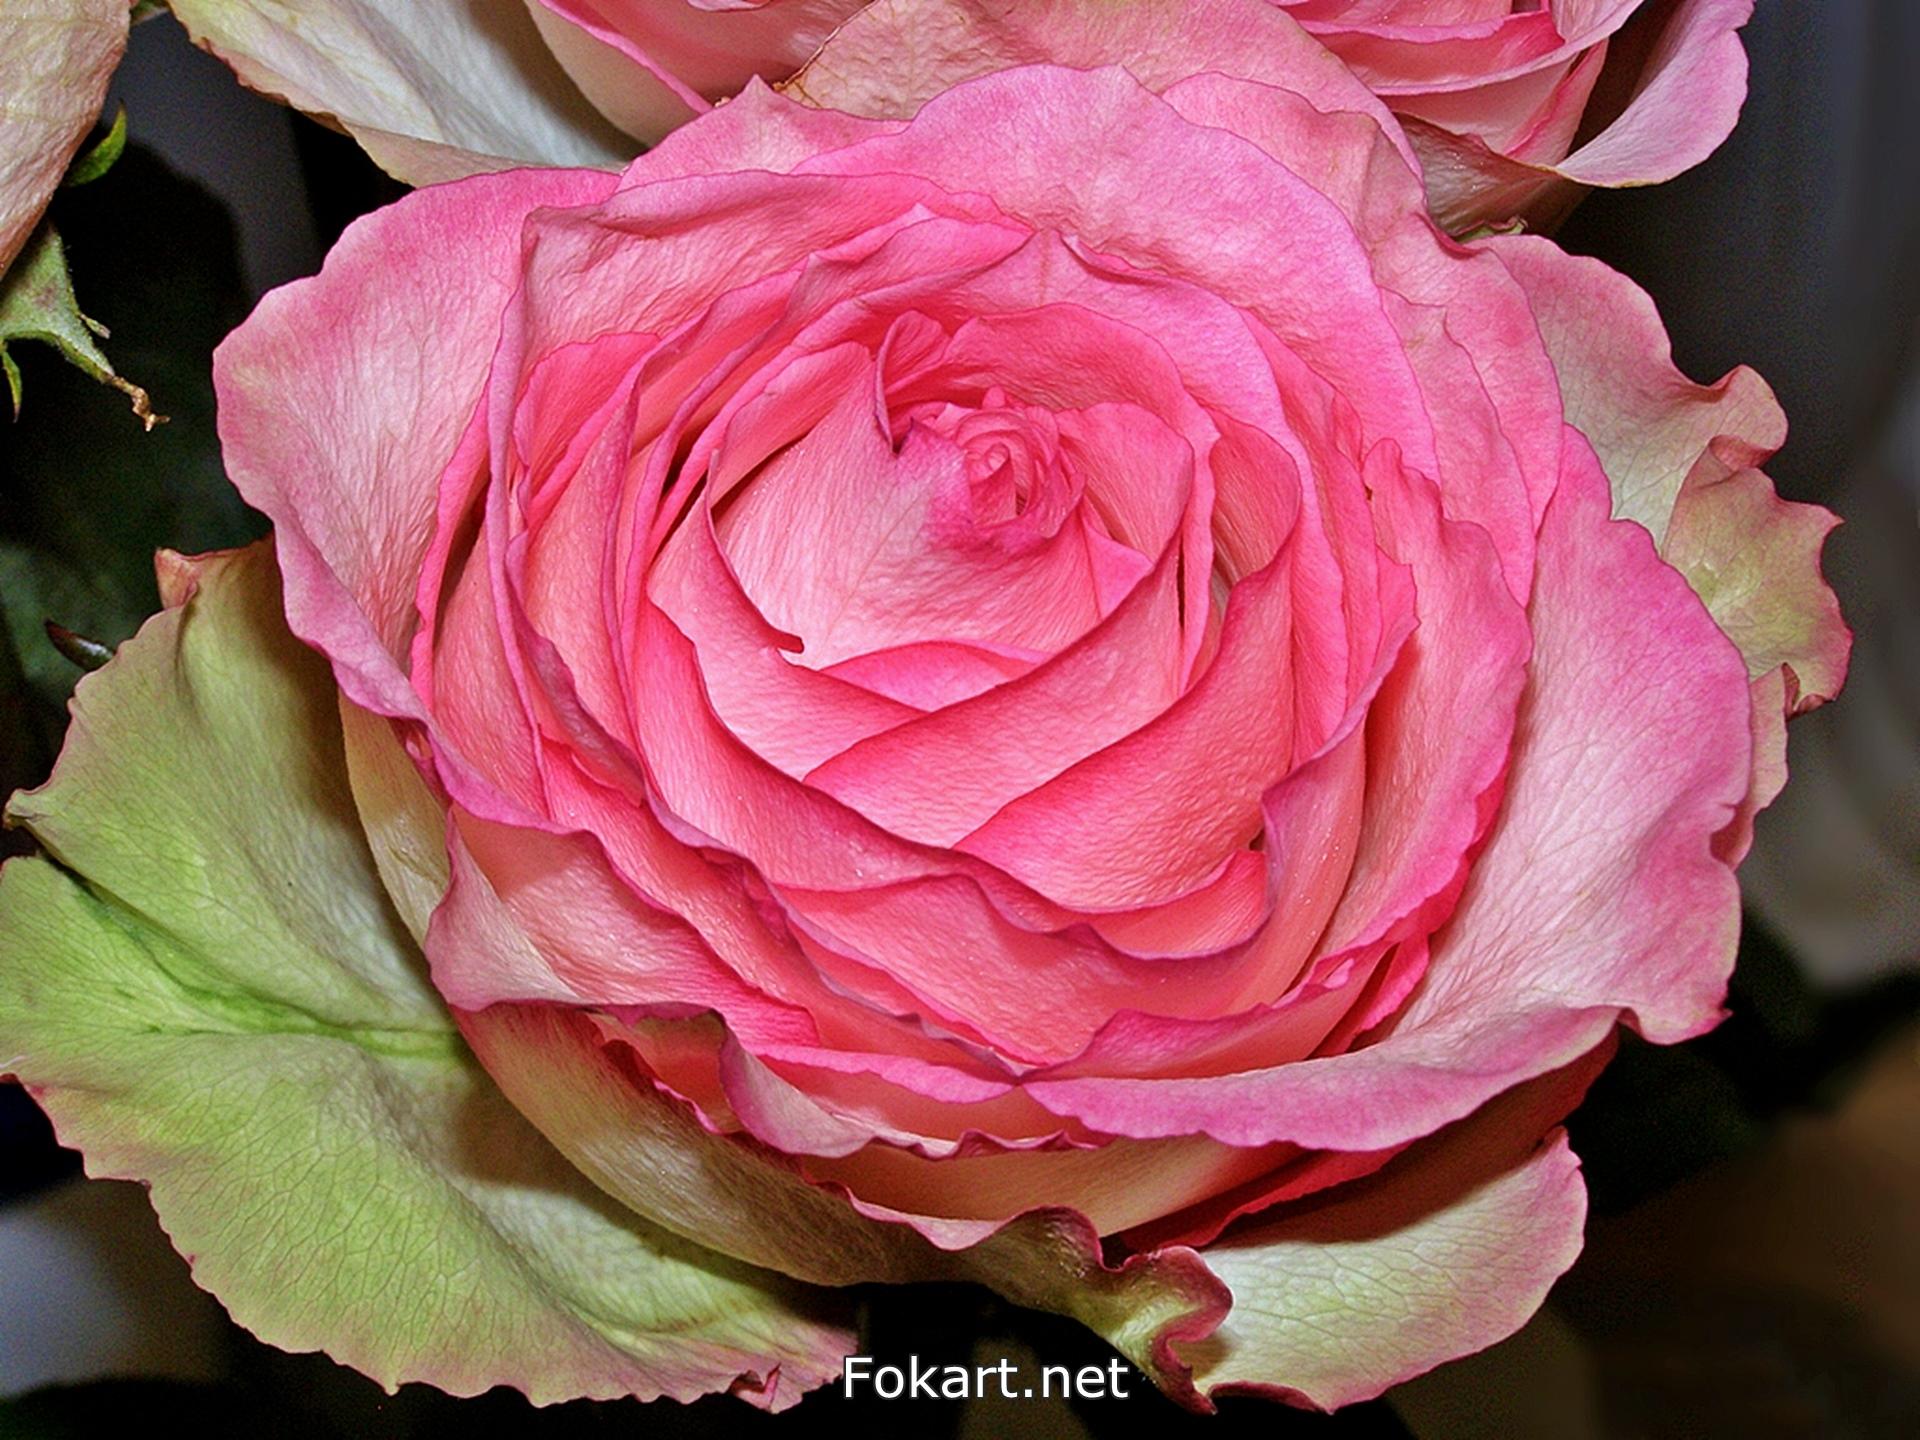 Розовая роза с зеленоватыми крайними лепестками